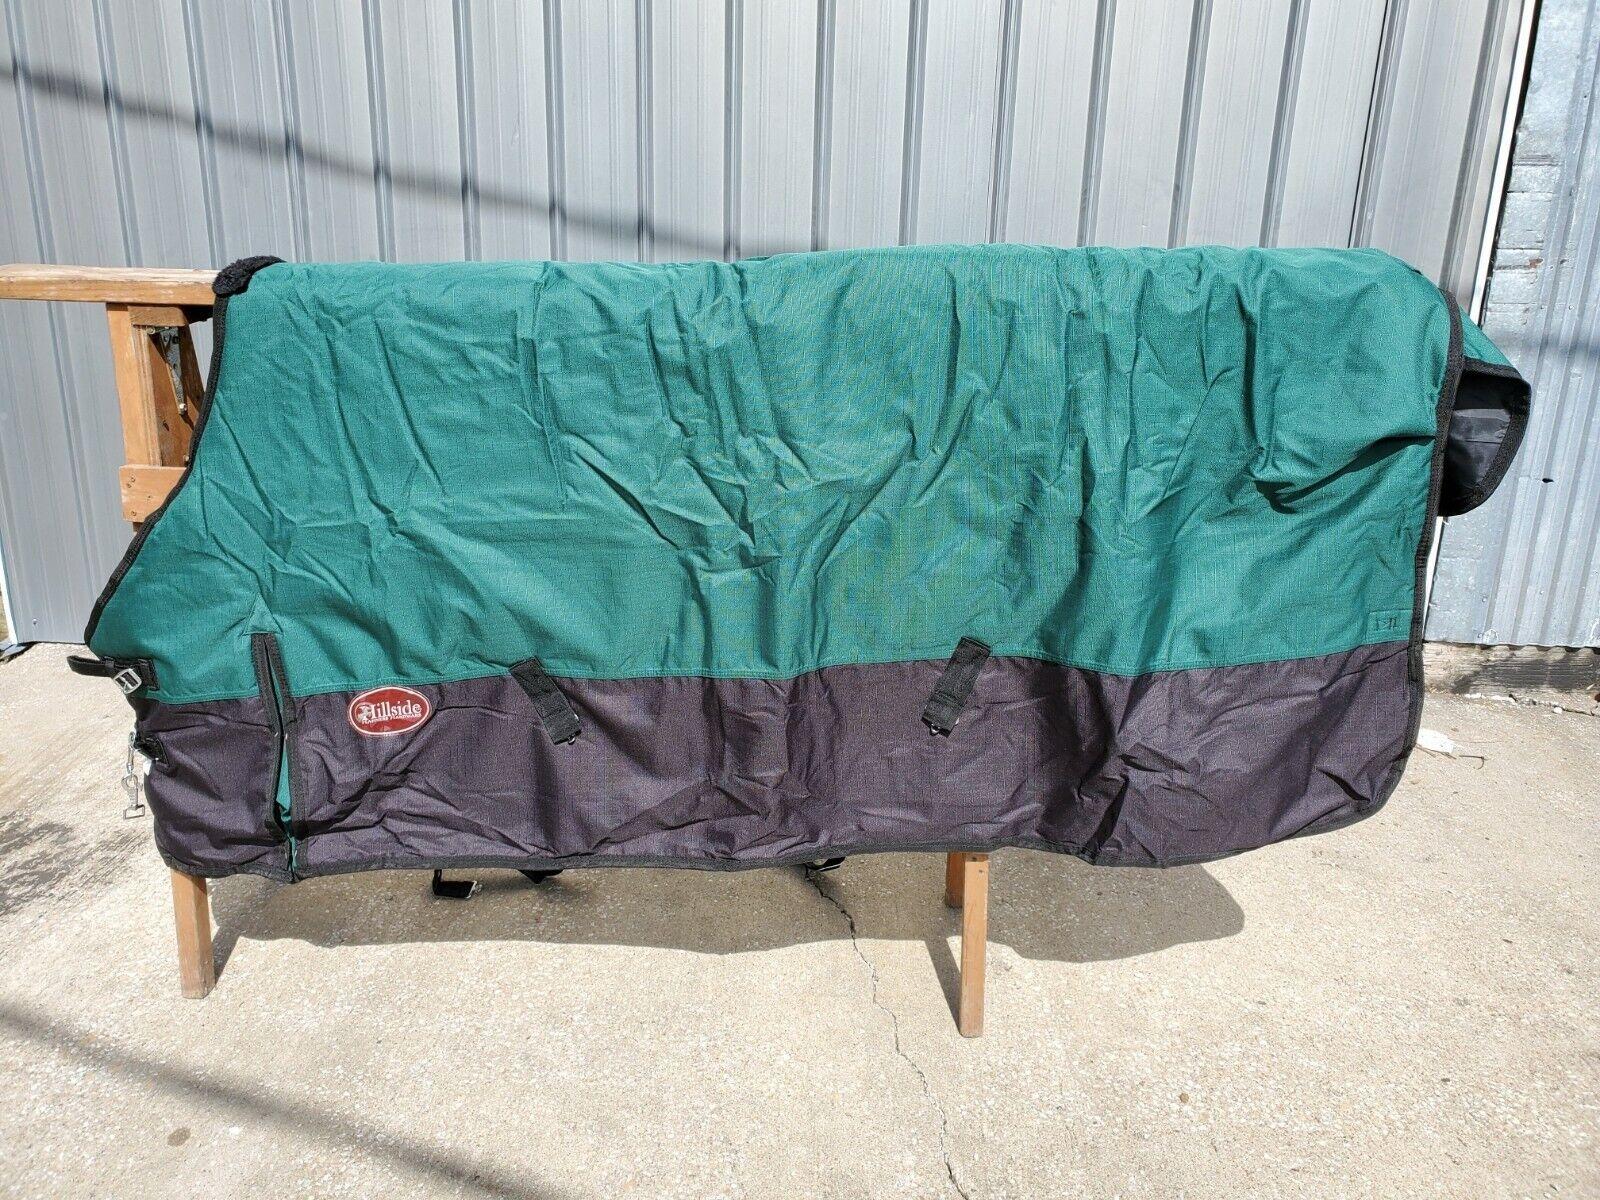 Premium Draft cavallo waterproof blanket by Hillside blu, verde, Burgundy 90 96